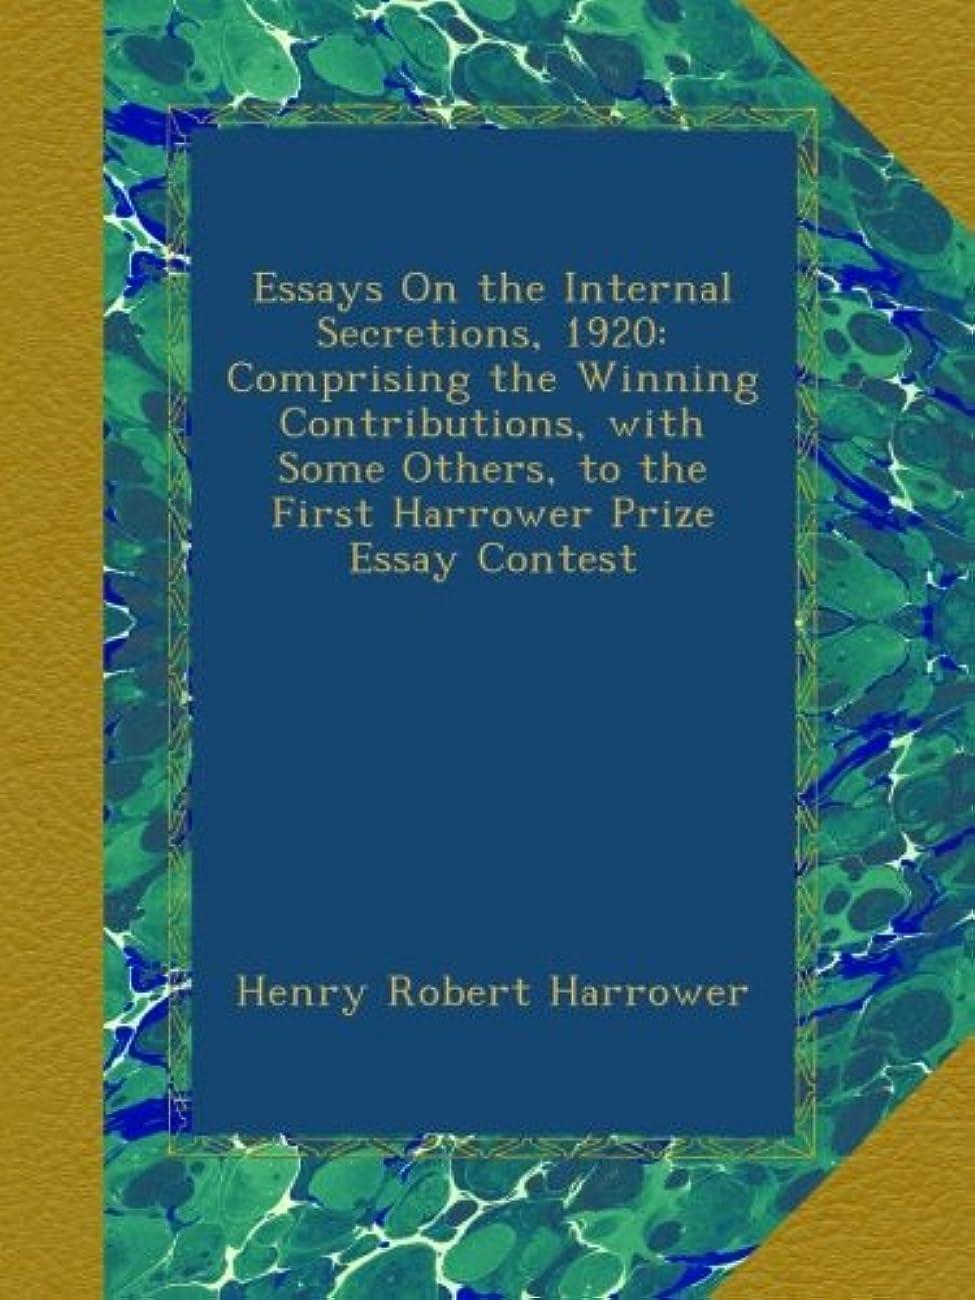 孤独なアプローチブレーキEssays On the Internal Secretions, 1920: Comprising the Winning Contributions, with Some Others, to the First Harrower Prize Essay Contest